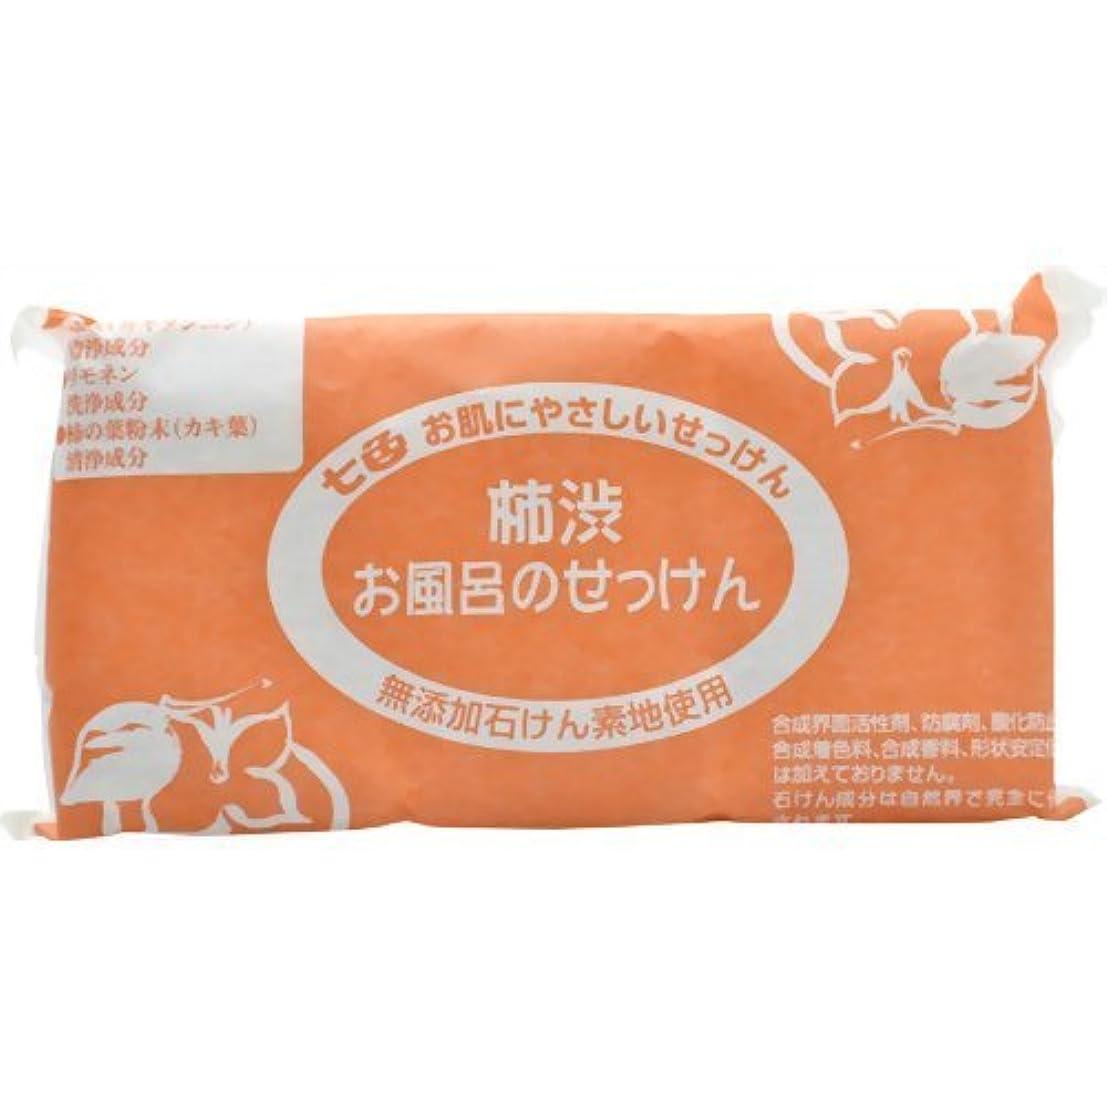 名前好戦的なパスタ七色 お風呂のせっけん 柿渋(無添加石鹸) 100g×3個入